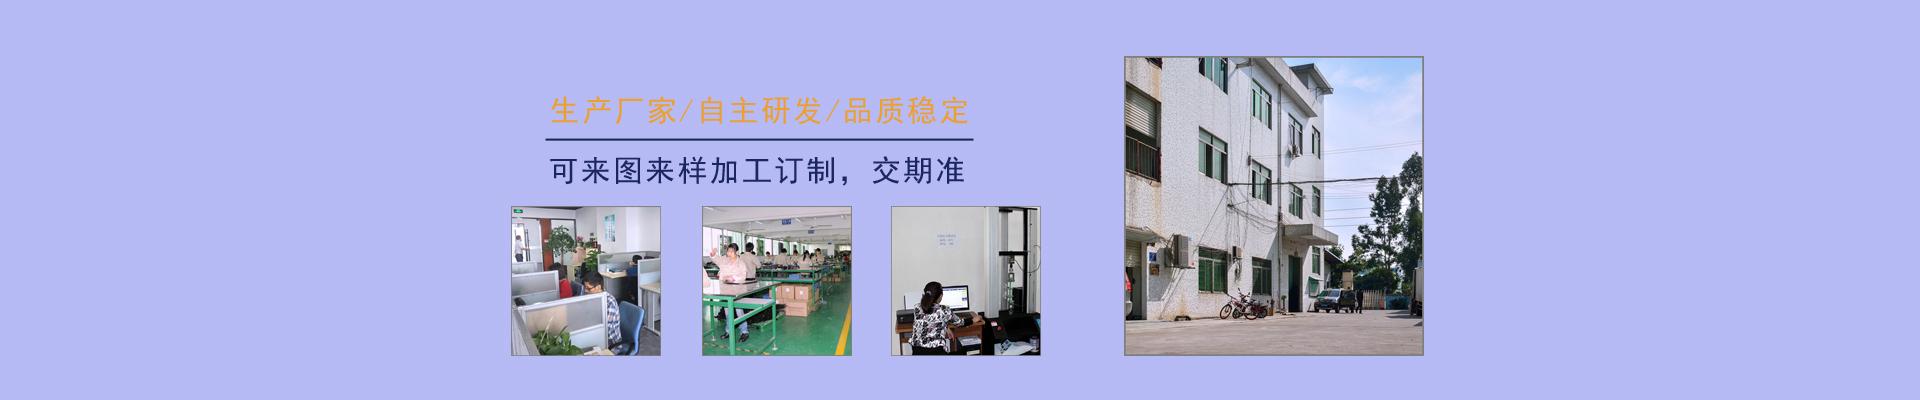 深圳市川汇钢索有限公司